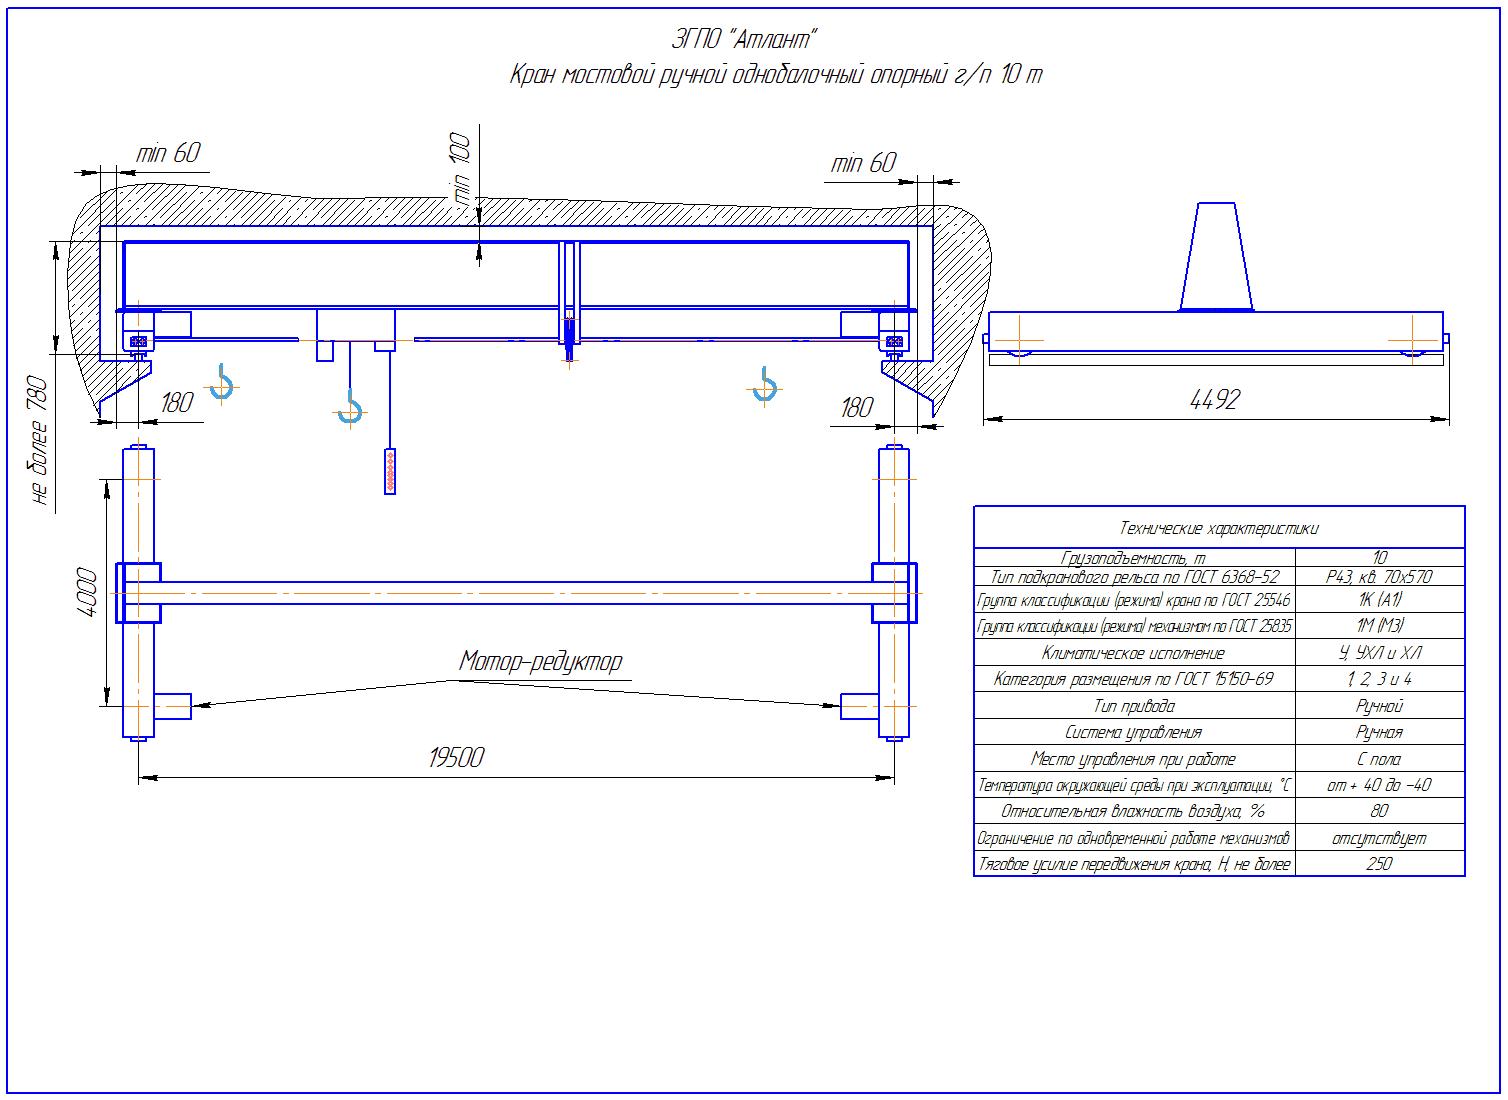 KRMOO 10 195 - Кран ручной мостовой опорный однобалочный